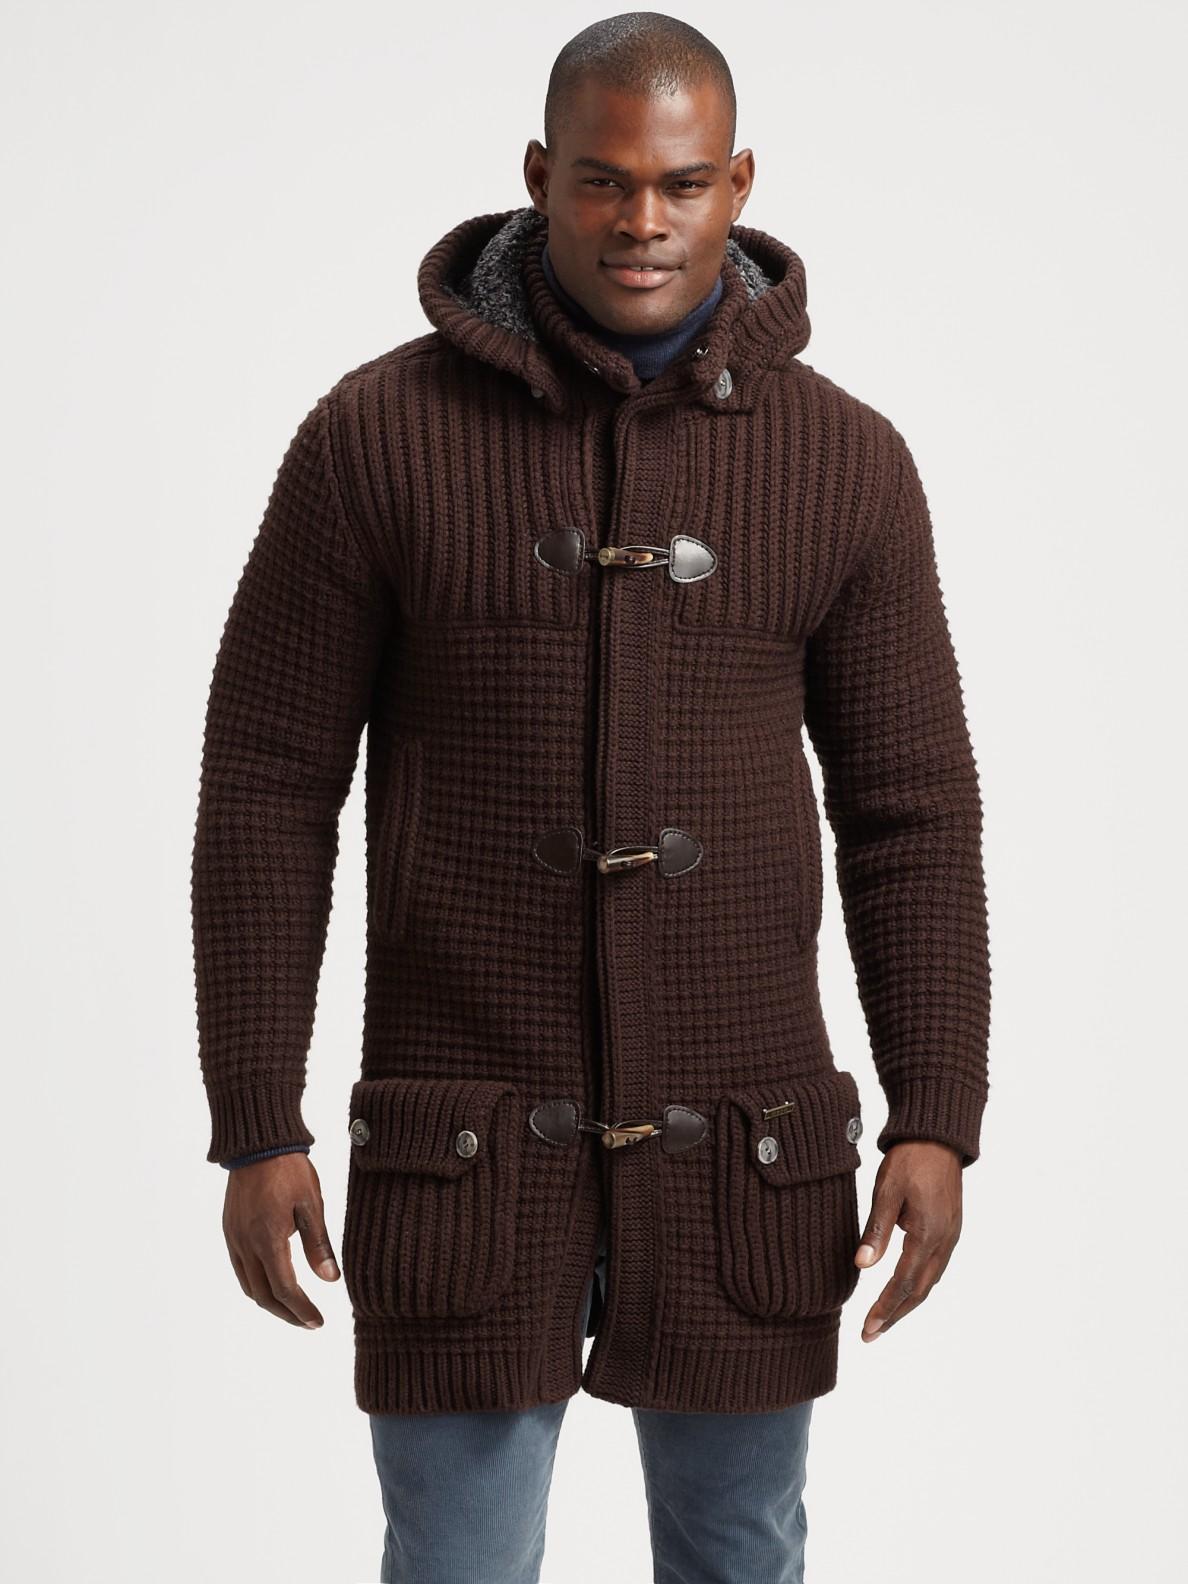 lyst bark knit duffel coat in brown for men. Black Bedroom Furniture Sets. Home Design Ideas